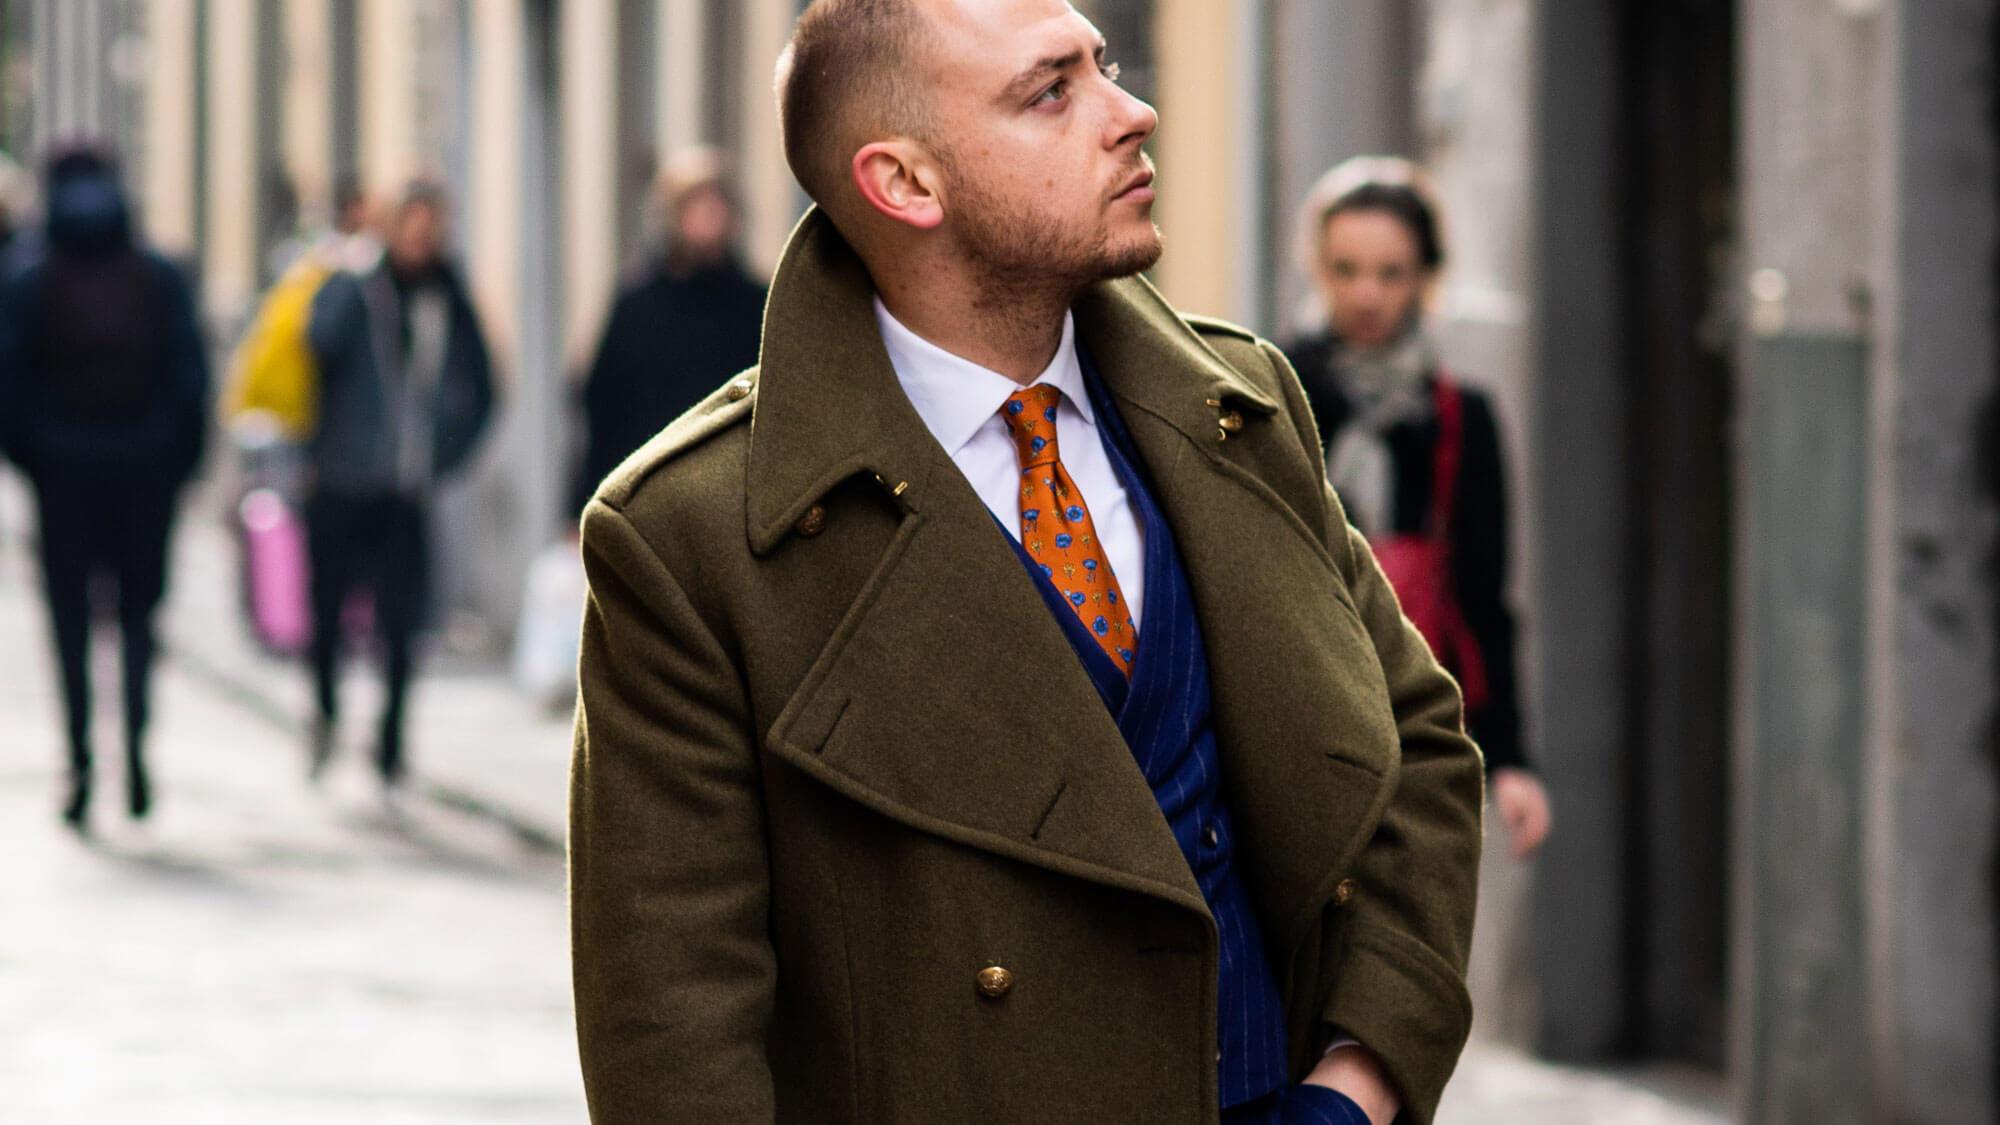 Bespoke Tailored Overcoat